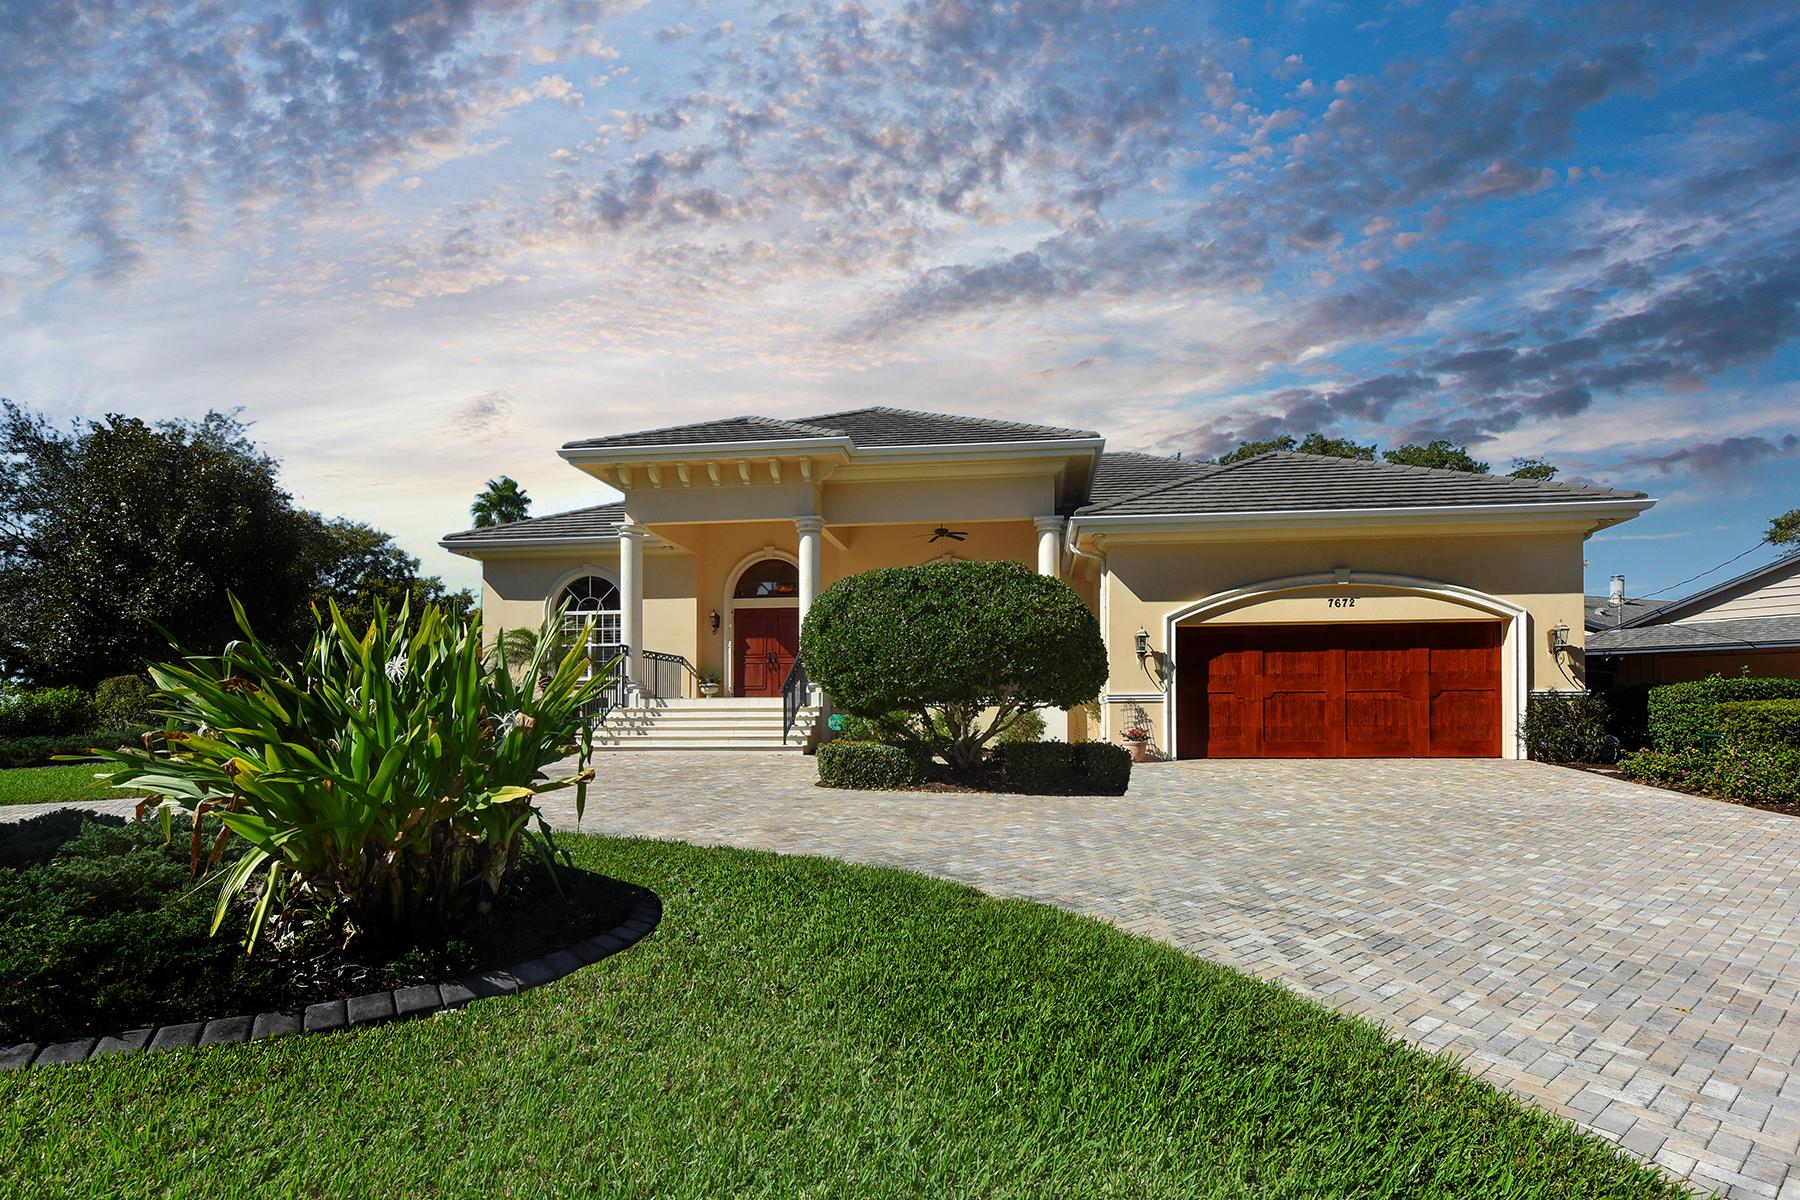 단독 가정 주택 용 매매 에 SOUTHPOINTE SHORES 7672 Cove Terr Sarasota, 플로리다, 34231 미국